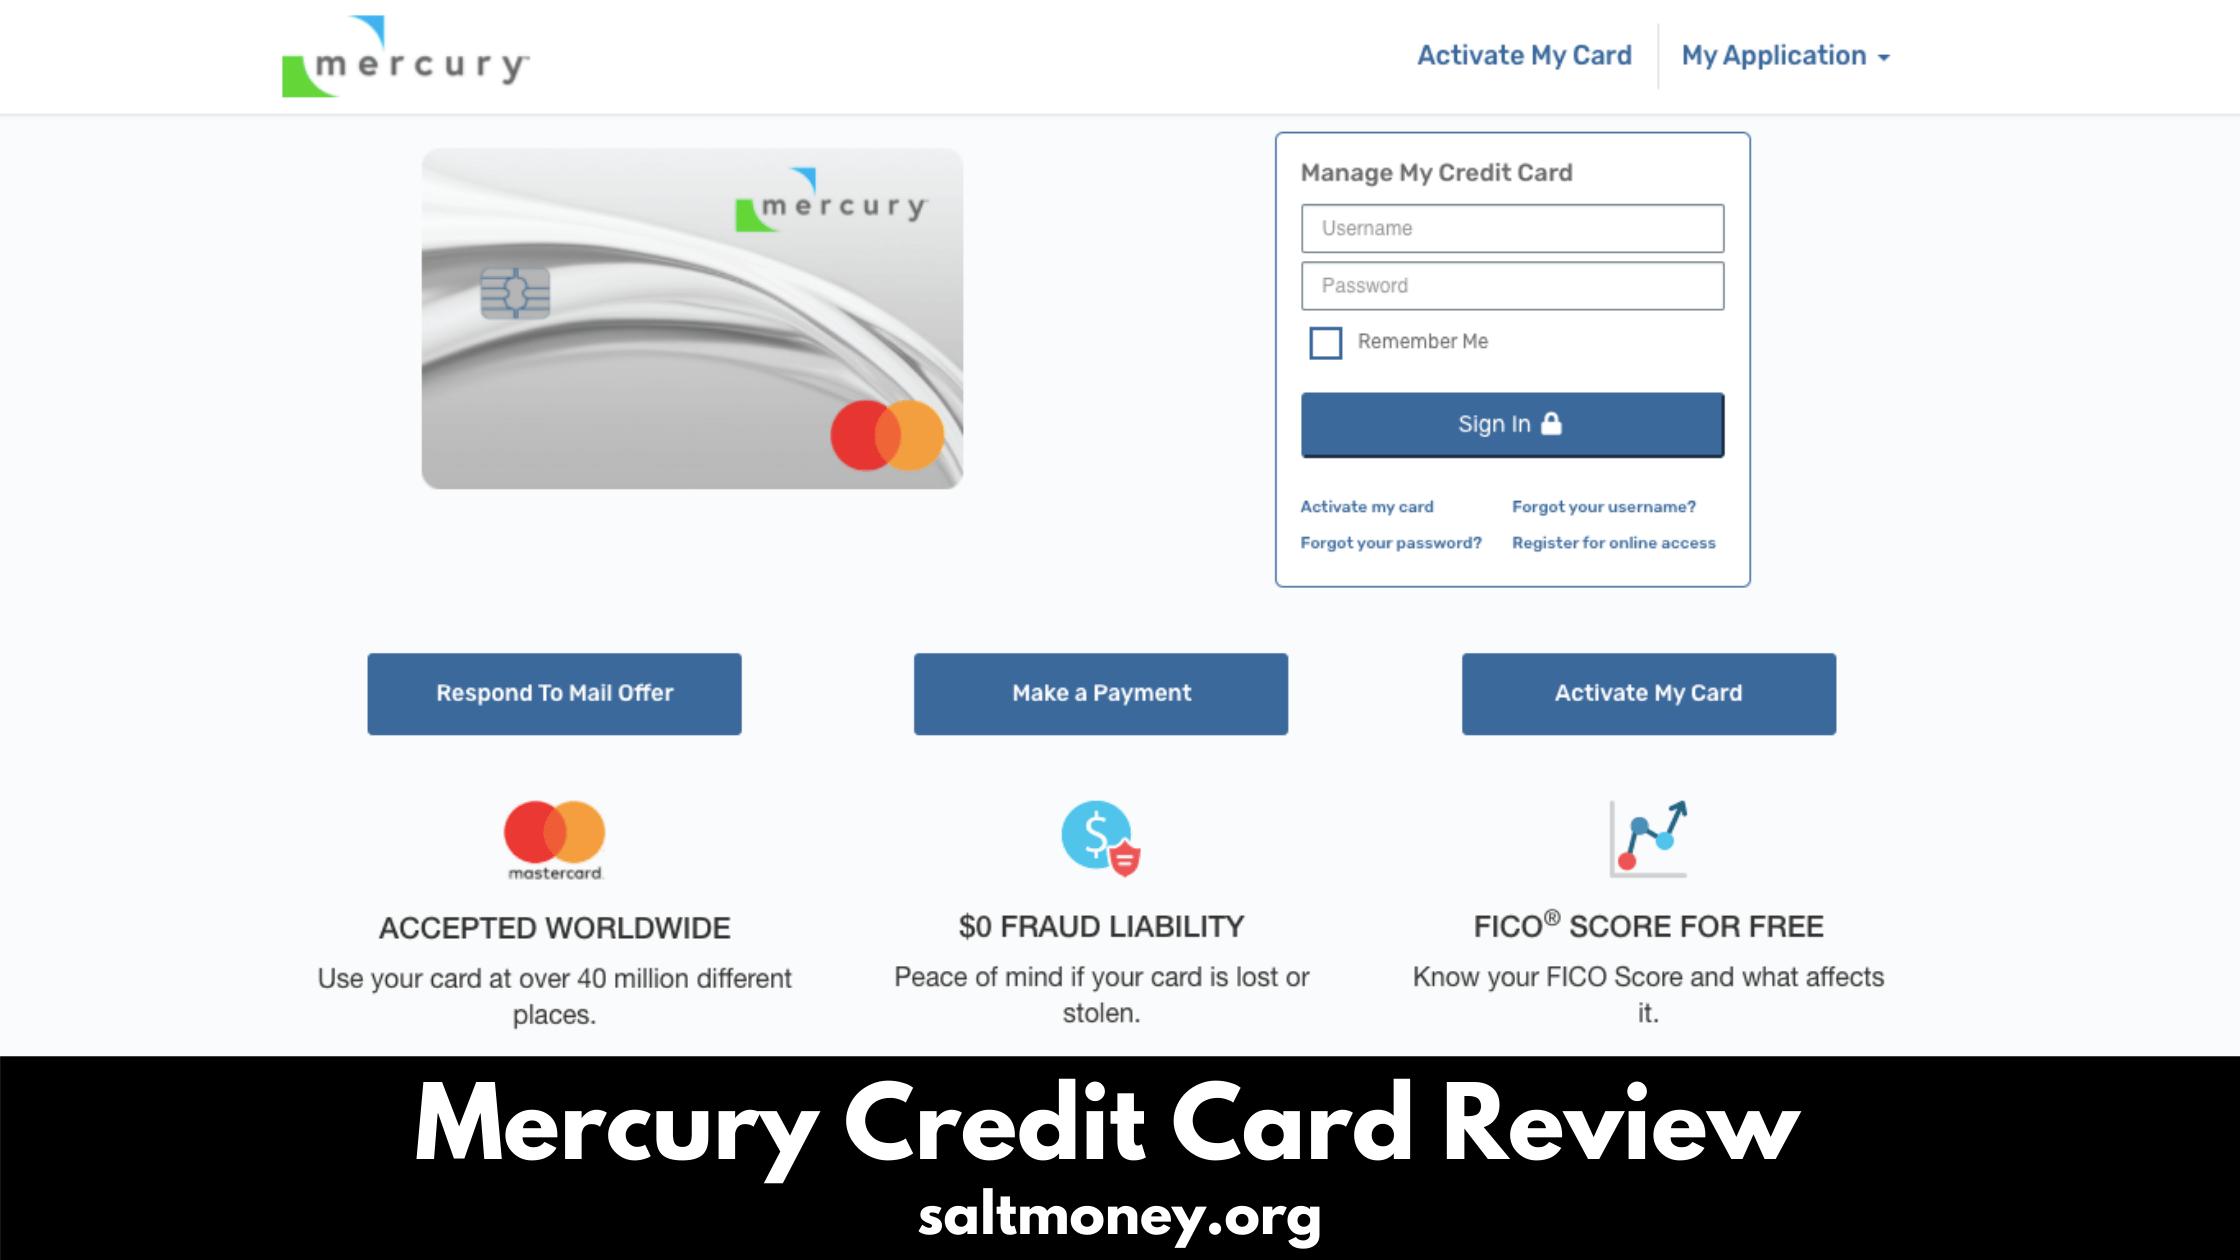 Mercury Credit Card Review